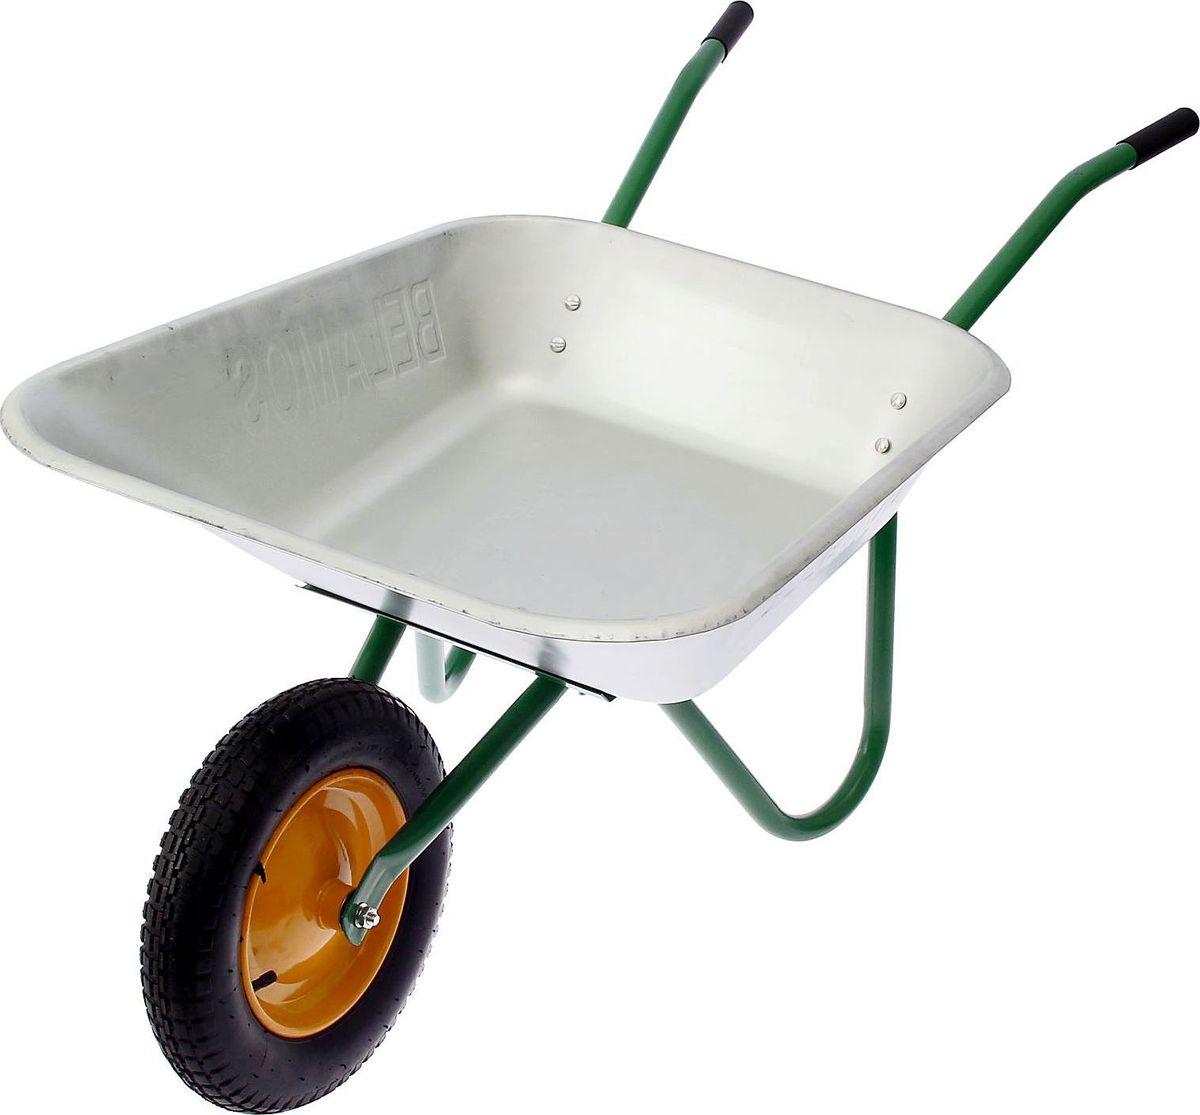 Тачка садовая, одноколесная, 85 лK100Лёгкая и манёвренная тачка с одним колесом подойдёт для работы в саду и огороде. В ней вы перевезёте листья, компост, землю. Используют в парках и скверах при озеленении.Характеристики Объём кузова: 85 л. Грузоподъёмность: 80 кг.Диаметр колеса: 380 мм.Ширина тачки в сборе: 65 см.Габаритные размеры: 134 ? 56 ? 65 см.Особенности конструкции Тачка состоит из колеса, кузова и рамы. Вы быстро и без проблем её соберёте.Пневматическое колесо обеспечивает лёгкое передвижение по неровной поверхности.Трапециевидный кузов с плоским квадратным днищем изготовлен из качественной оцинковки.Удобные пластиковые ручки не натрут вам мозоли.Техническое обслуживание: Прежде чем приступить к работе, проверьте затяжку креплений.После применения очистите узлы от грязи, раствора, ополосните водой и просушите.Периодически проверяйте давление воздуха в шине. Оно должно быть в пределах 1,8–2 атм.Храните тачку в сухом помещении при температуре от –30 до 50 °С.